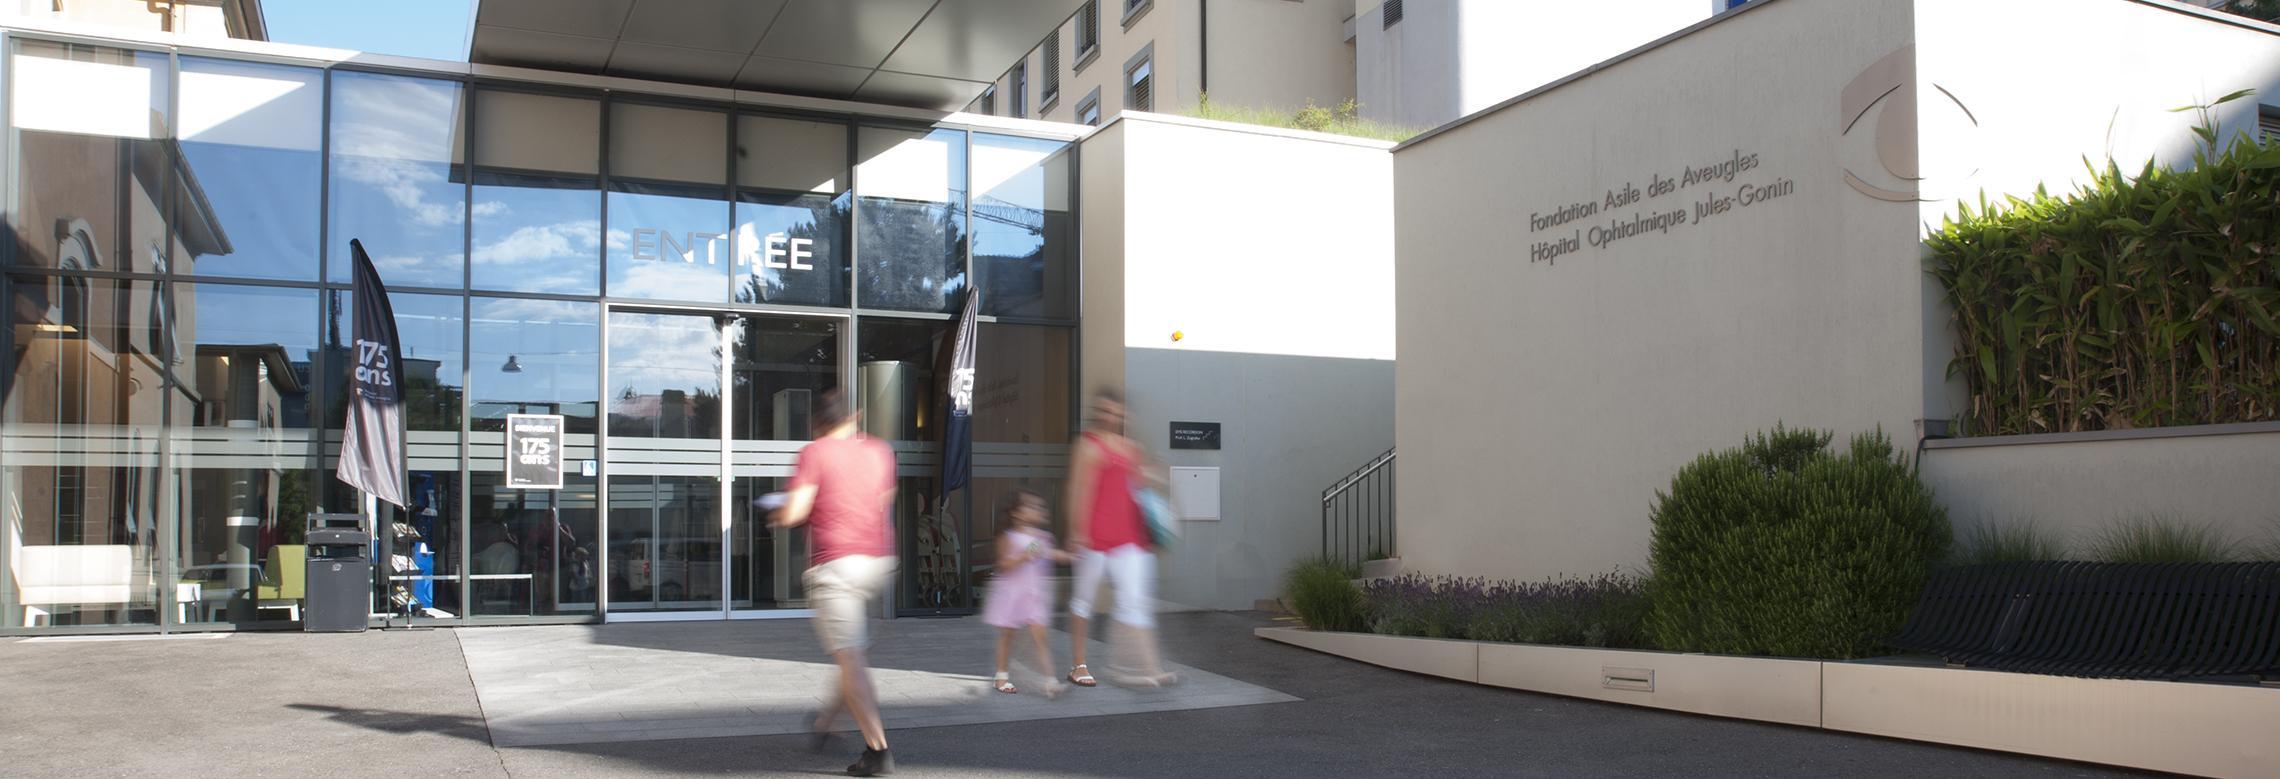 Image de l'entrée de l'hôpital ophtalmique Jules-Gonin